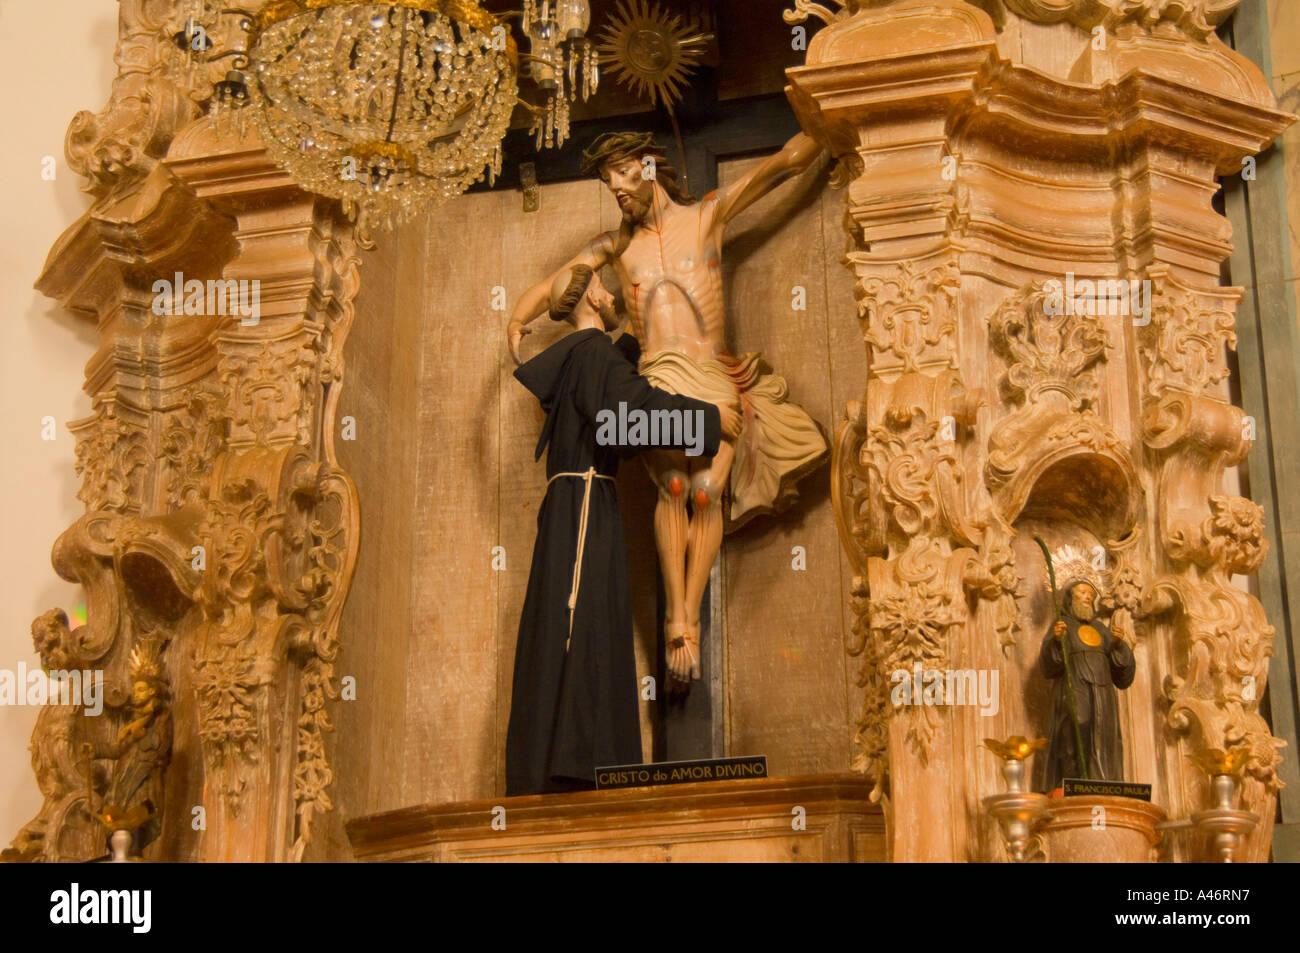 Statue Cristo do Amor Divino Sao Joao del Rey - Stock Image